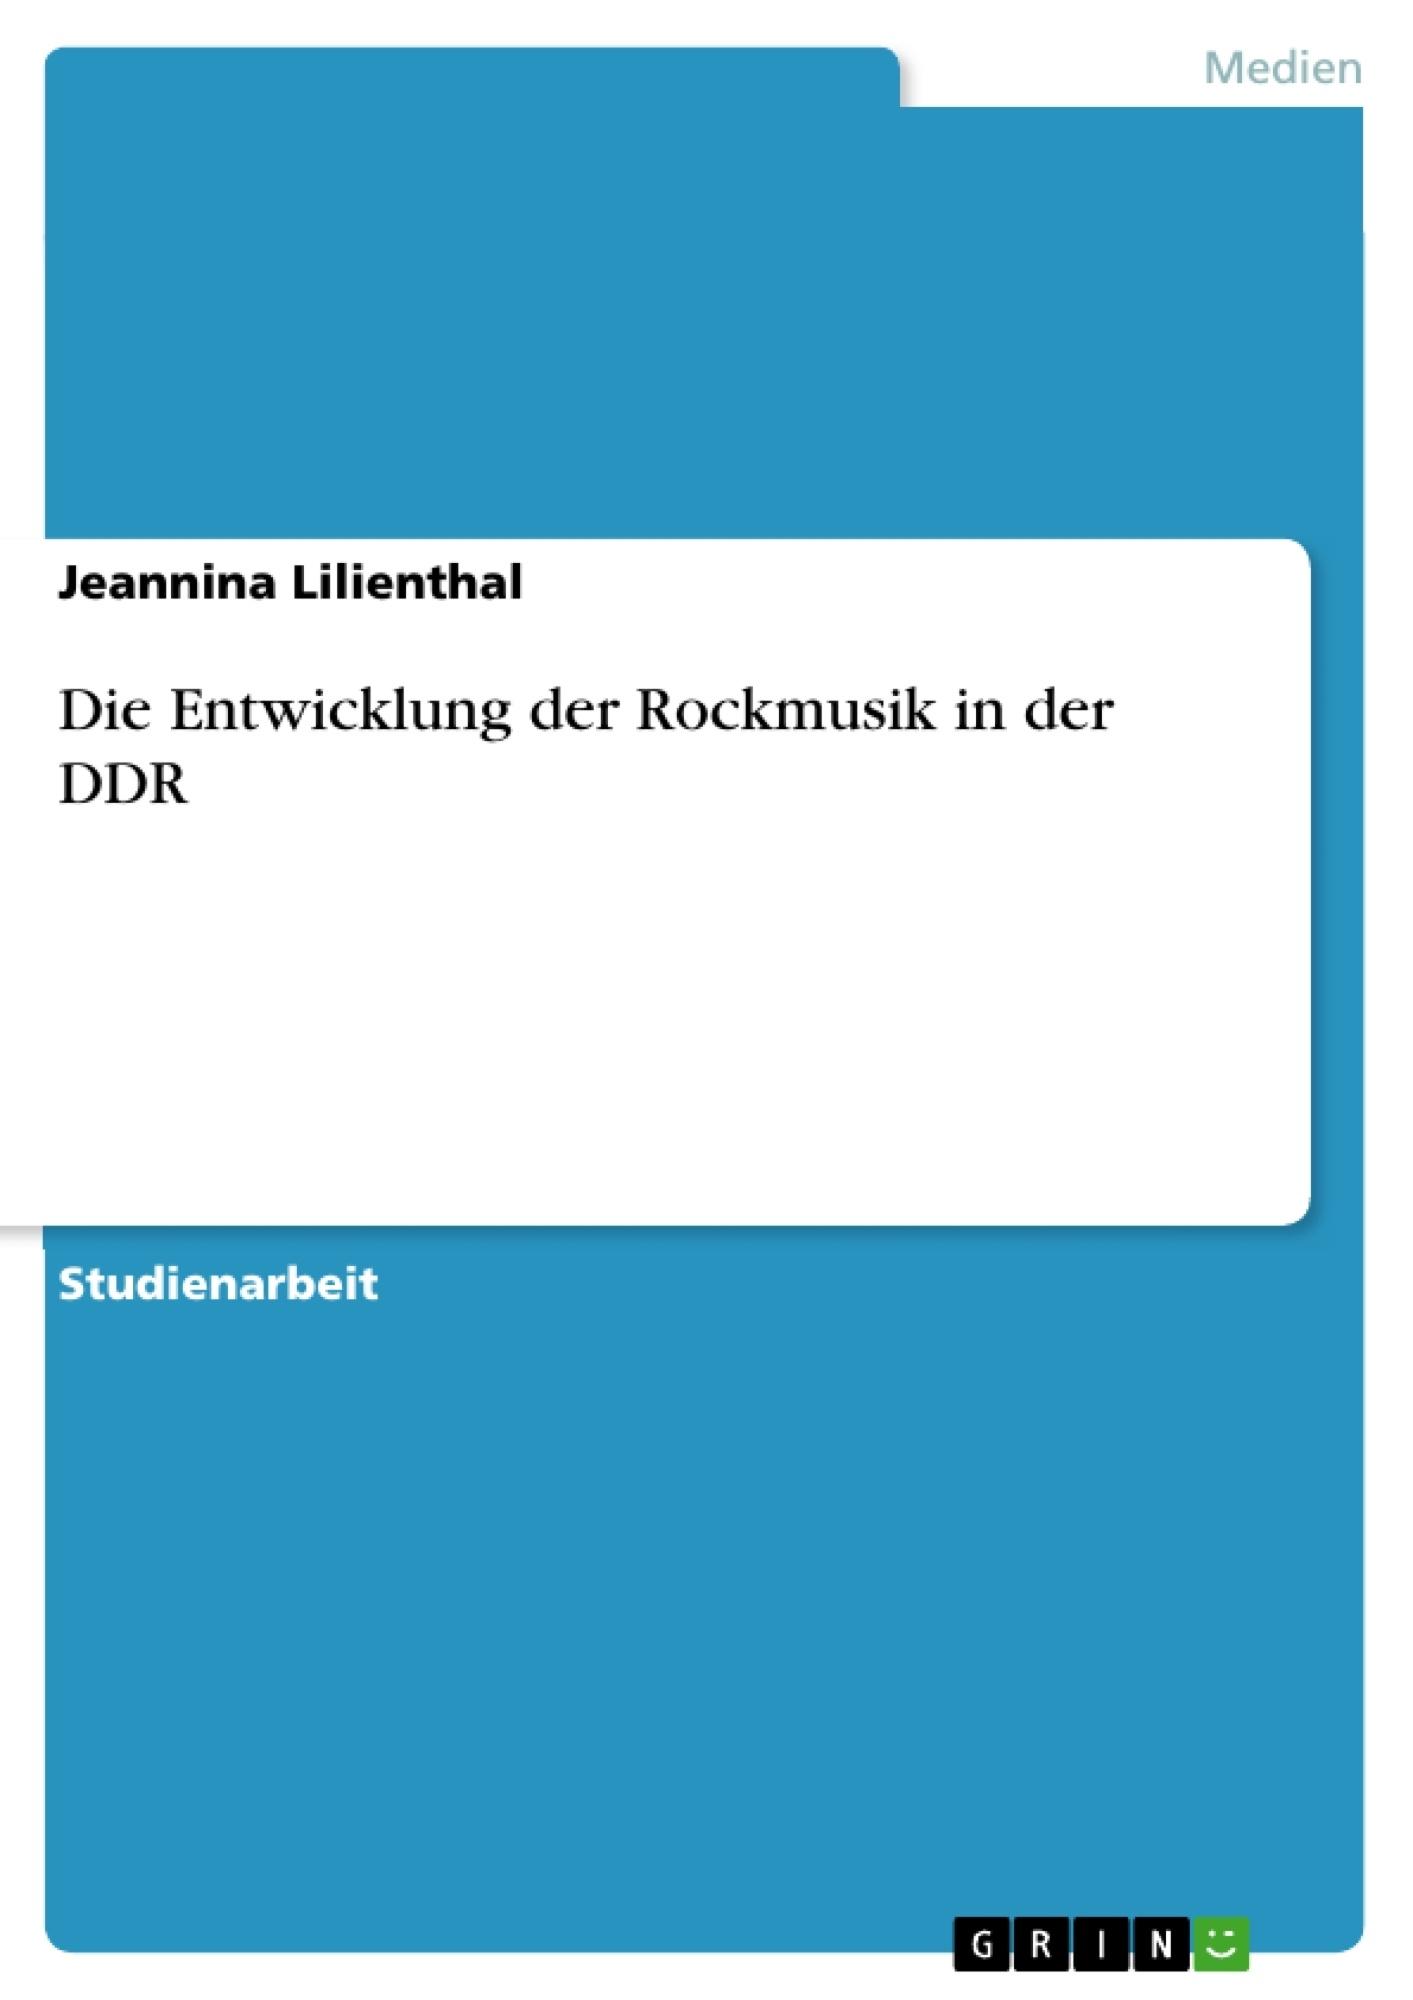 Titel: Die Entwicklung der Rockmusik in der DDR